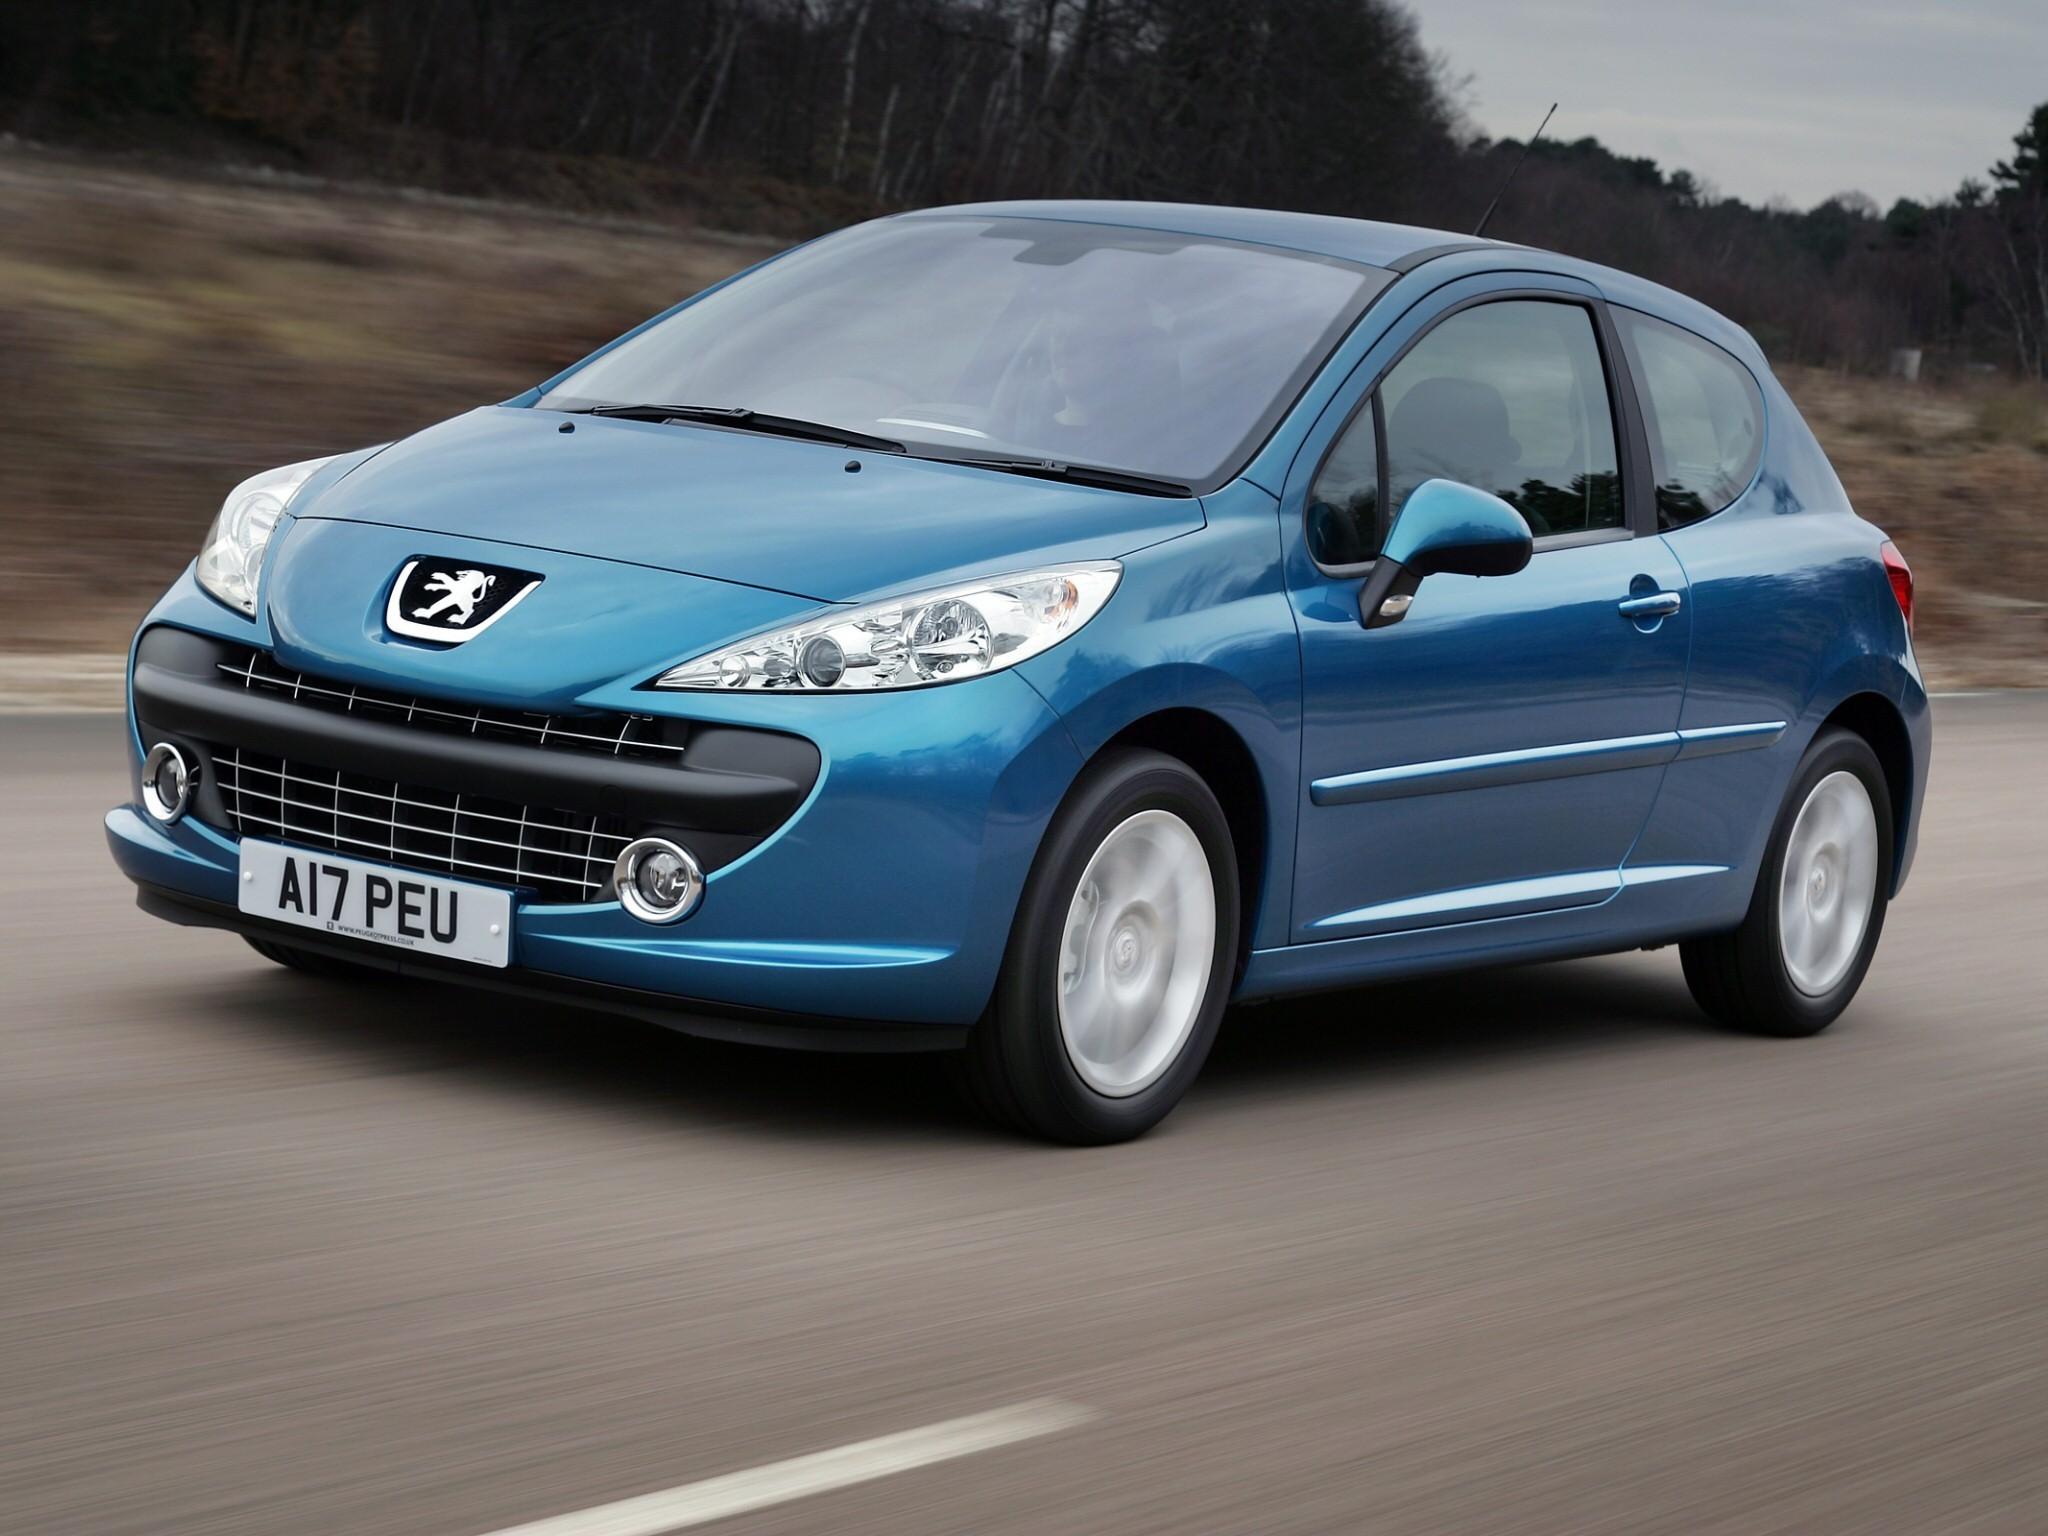 Peugeot 207 I 2006 - 2009 Hatchback 3 door #3